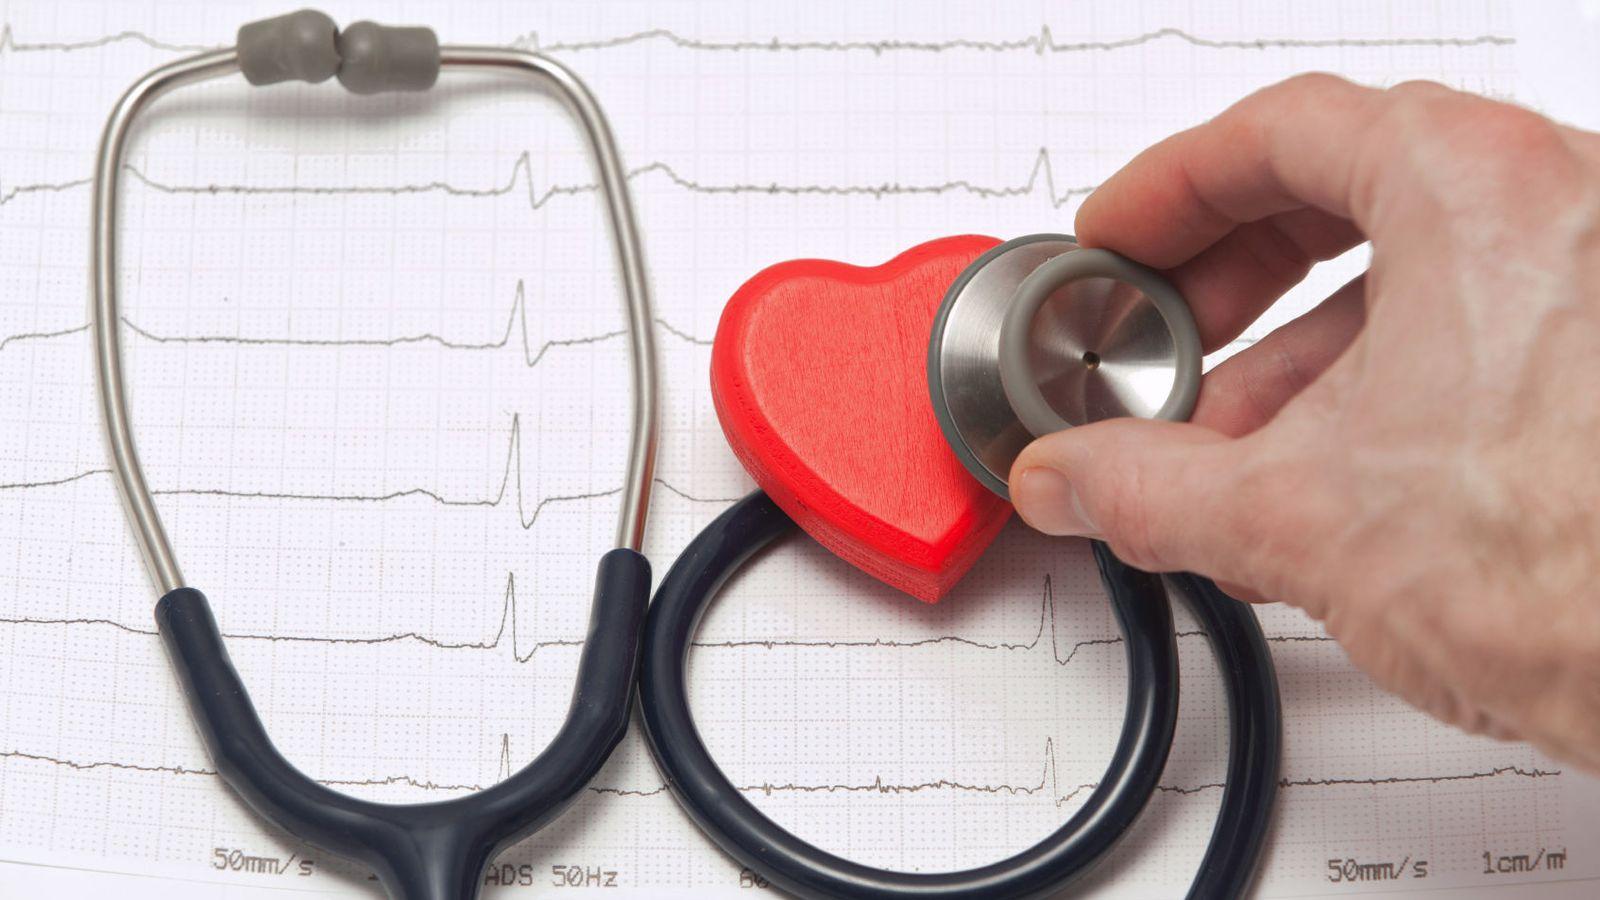 Que enfermedad es cuando te duele el corazon